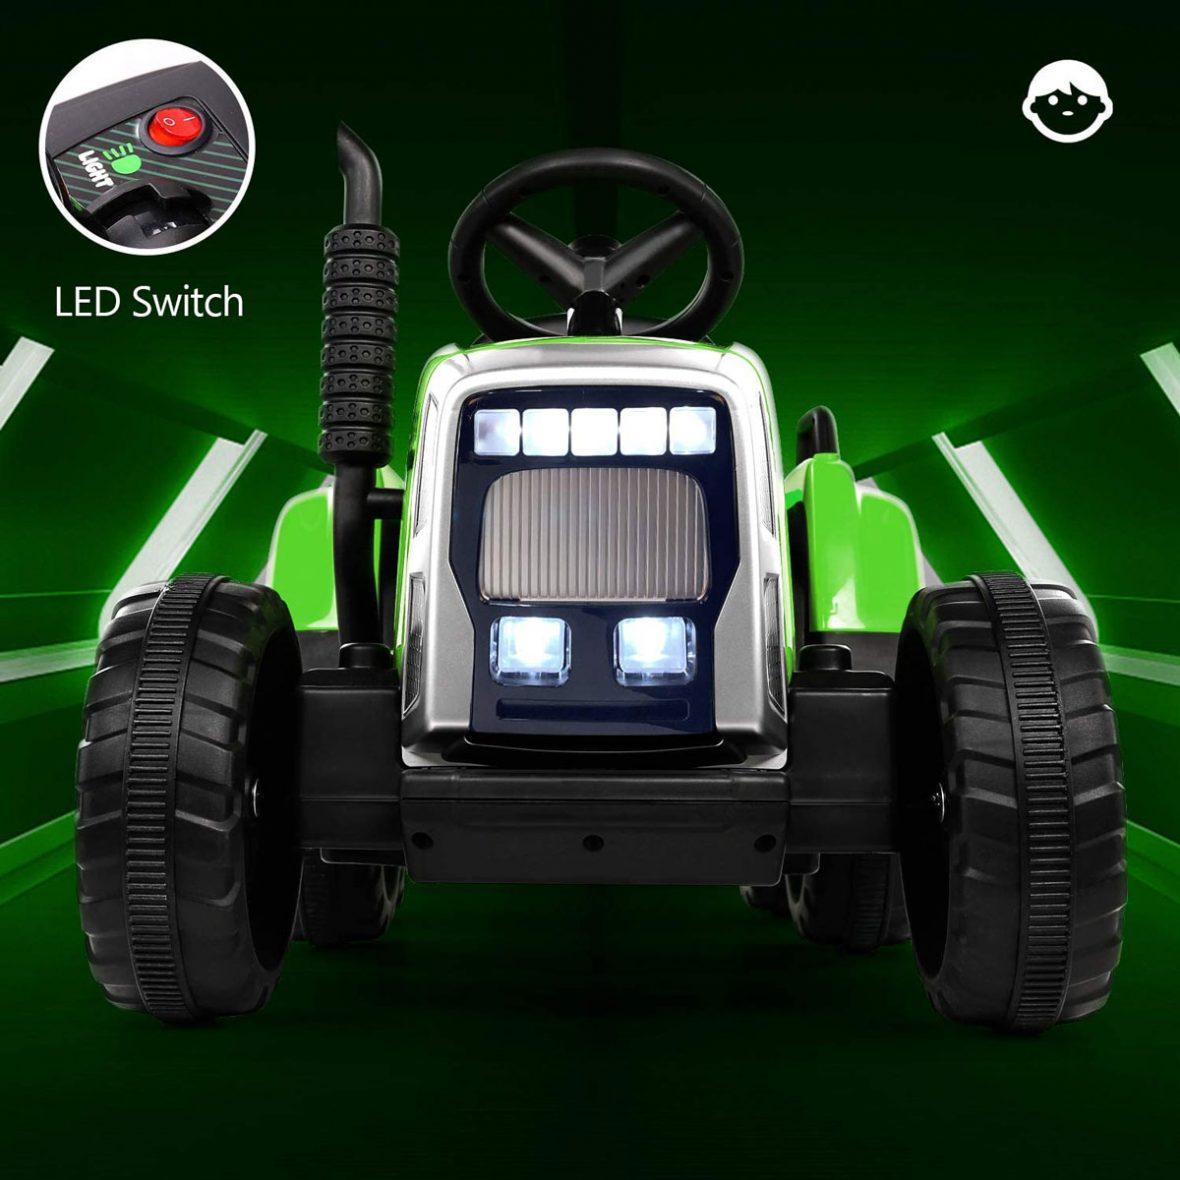 Traktorek-4toys-MX611-z-przyczepka-Zielony-232108